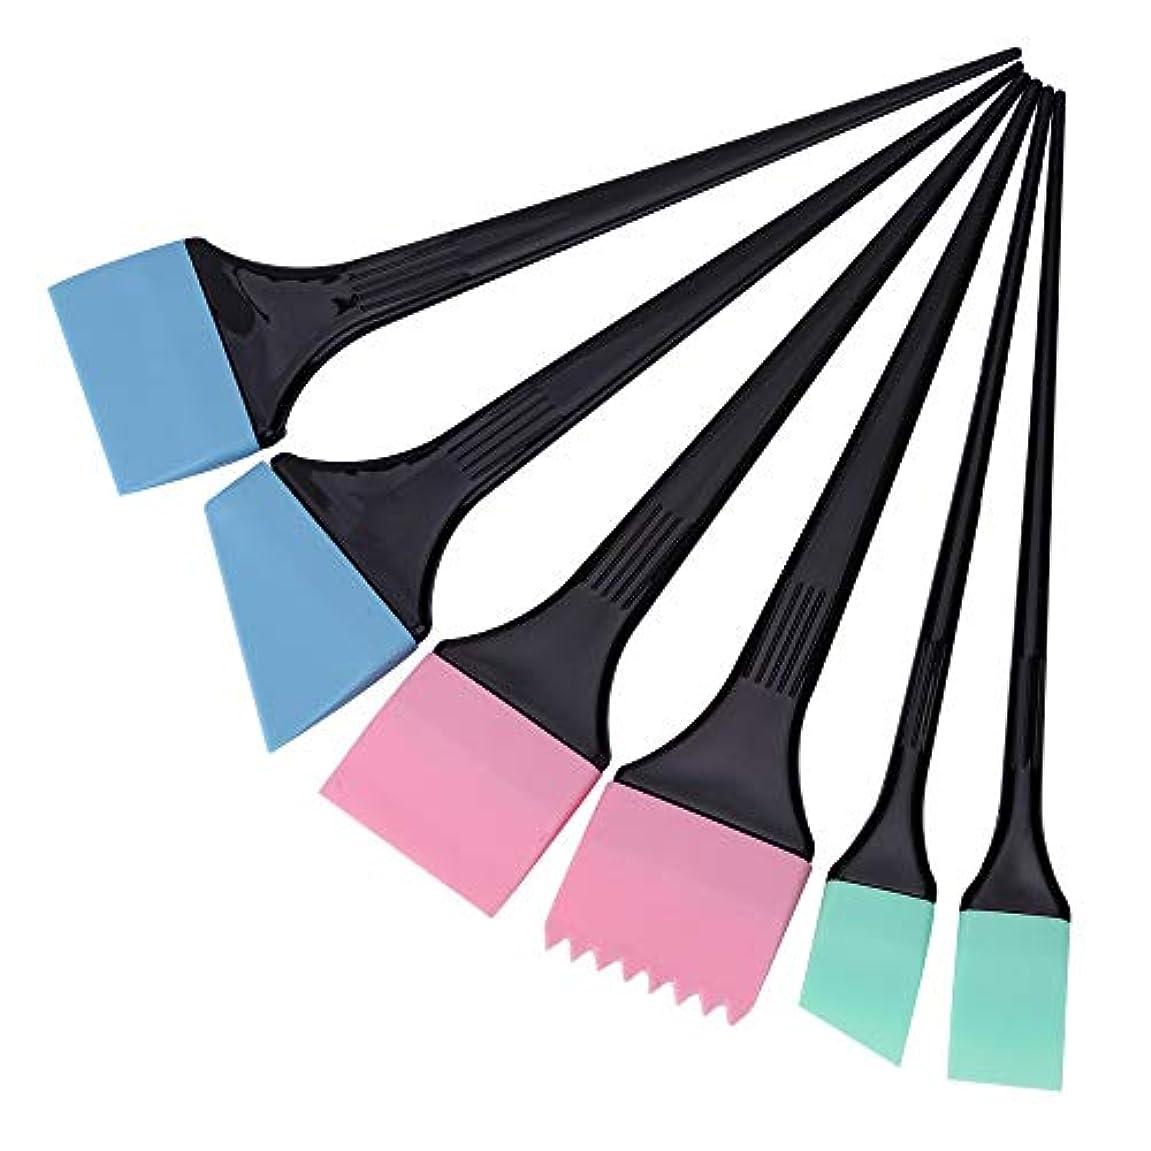 コマンドもっと少なくバンケットヘアダイコーム&ブラシ 毛染めブラシ 6本/セット 着色櫛キット プロサロン 理髪スタイリングツール へアカラーセット グリーン